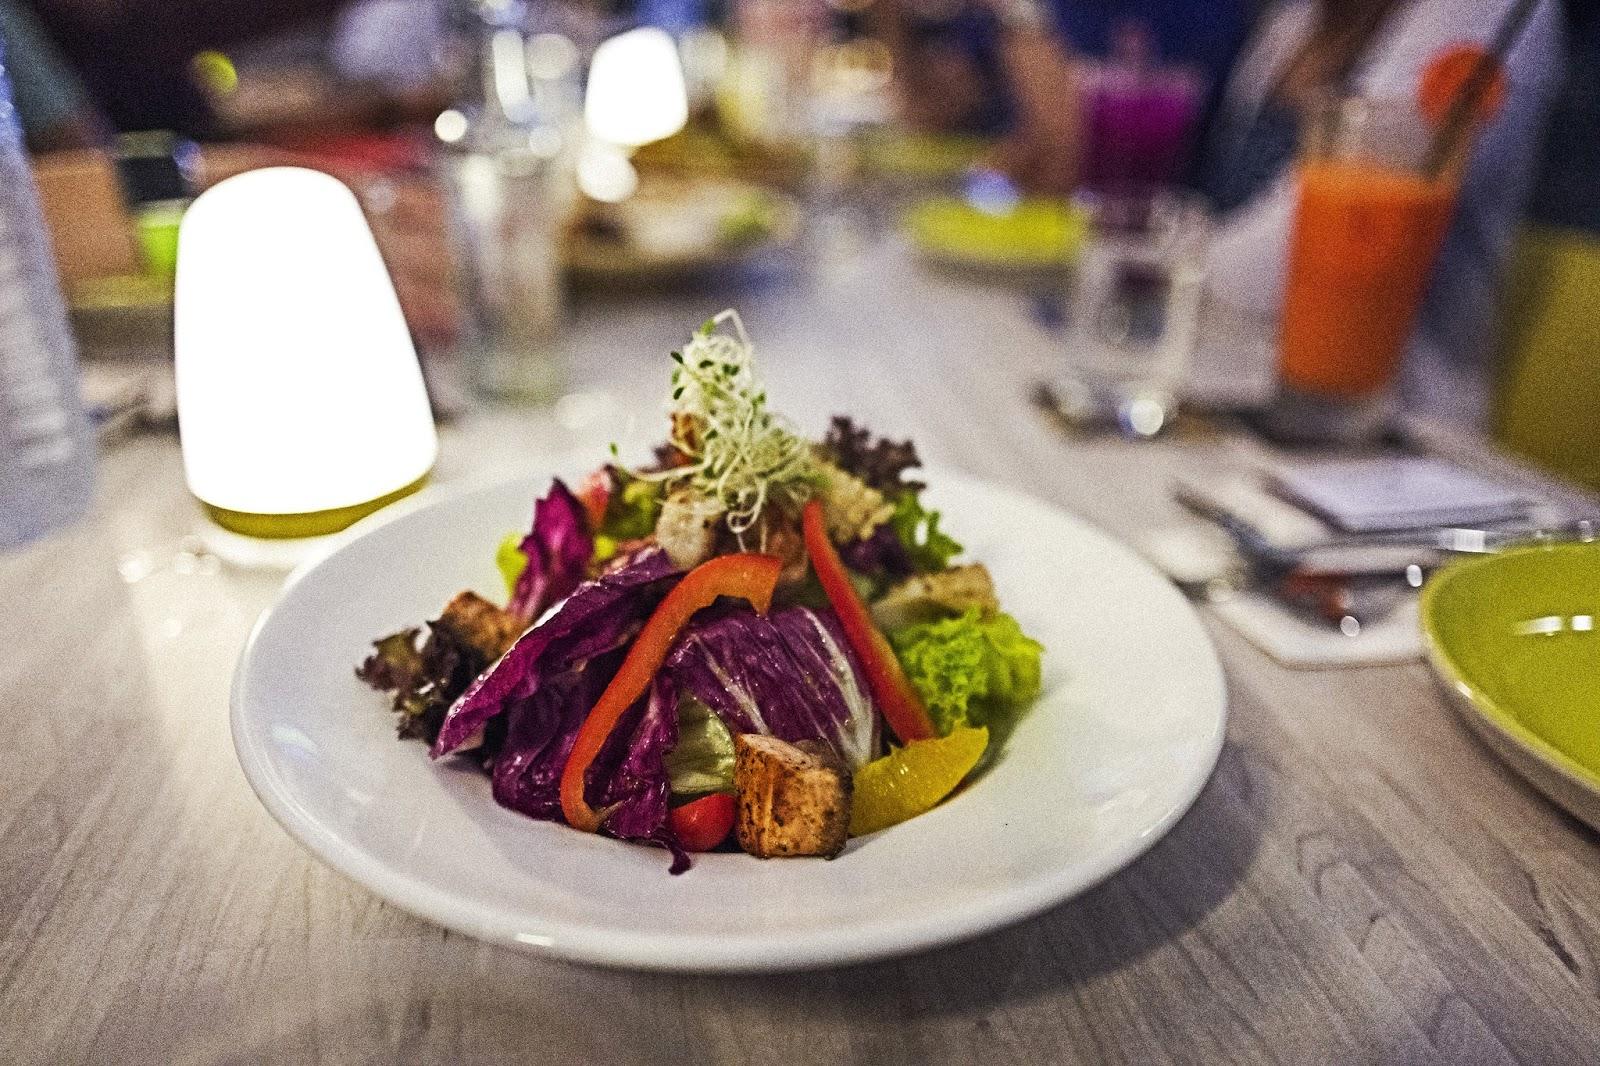 f-salad-L1050717.jpg